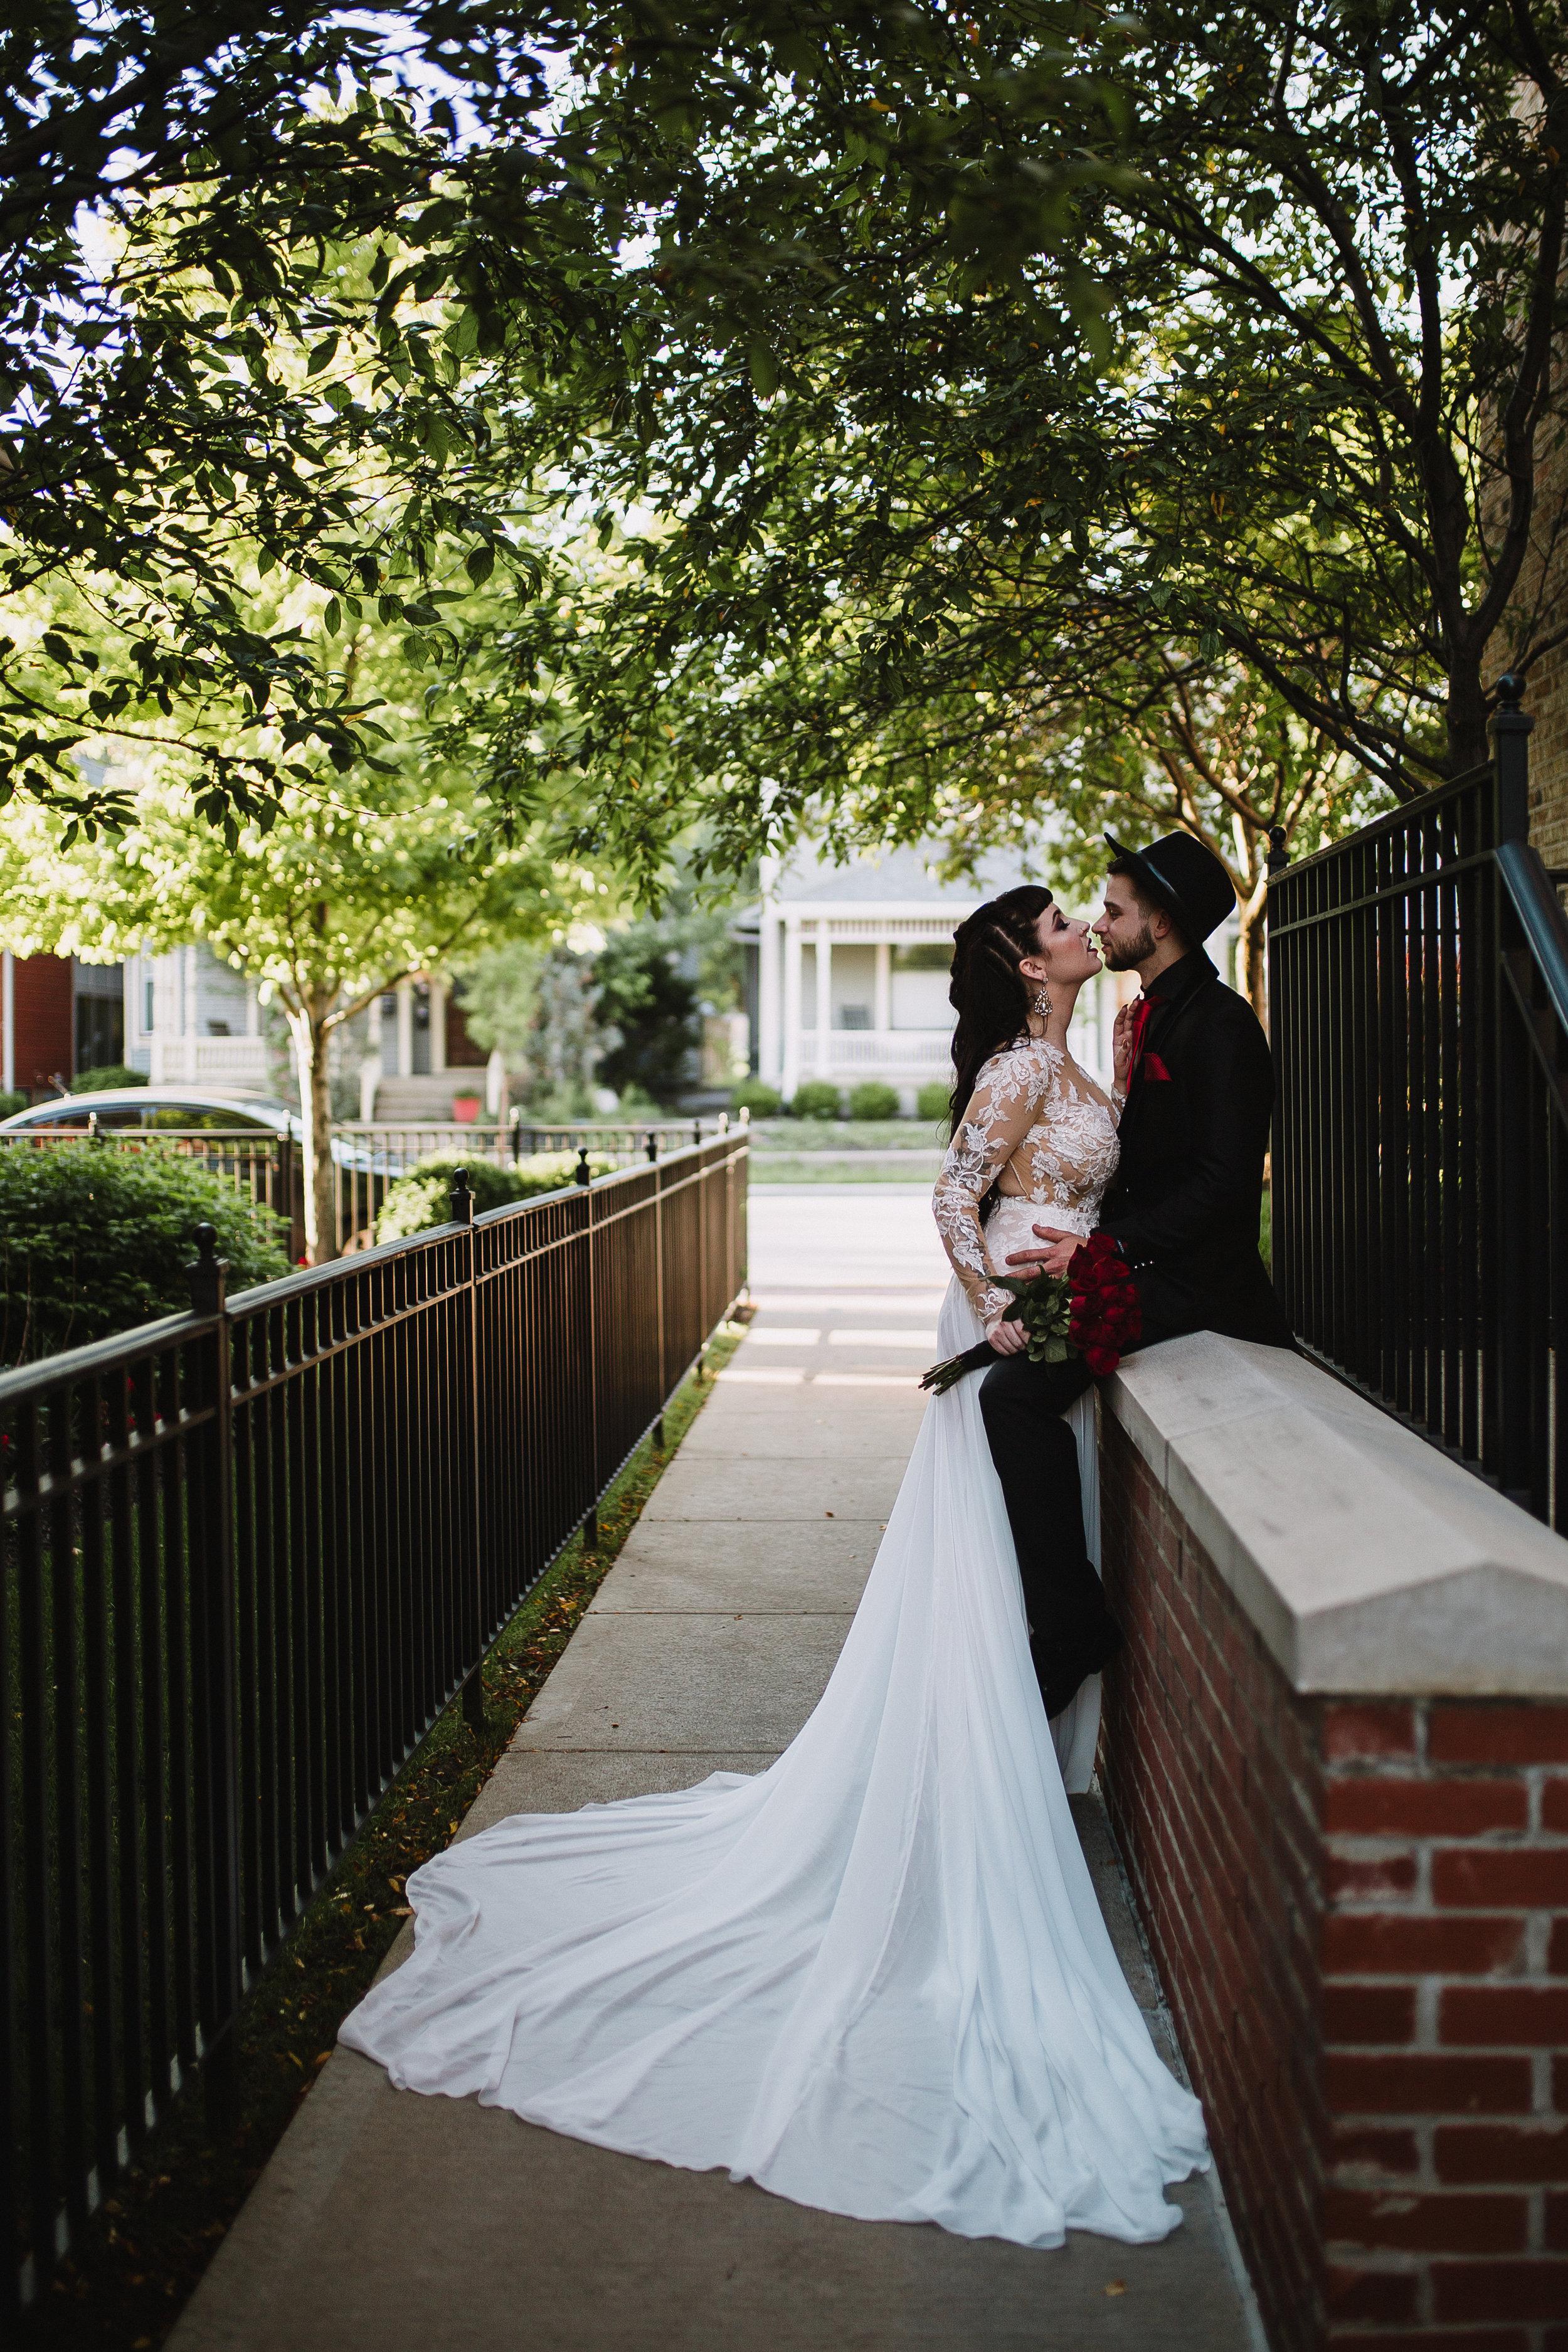 PUNK-WEDDING-PATTERNMAGAZINE-REAGANLYNNPHOTOGRAPHY-INDIANAPOLIS-INDIANA-2.jpg